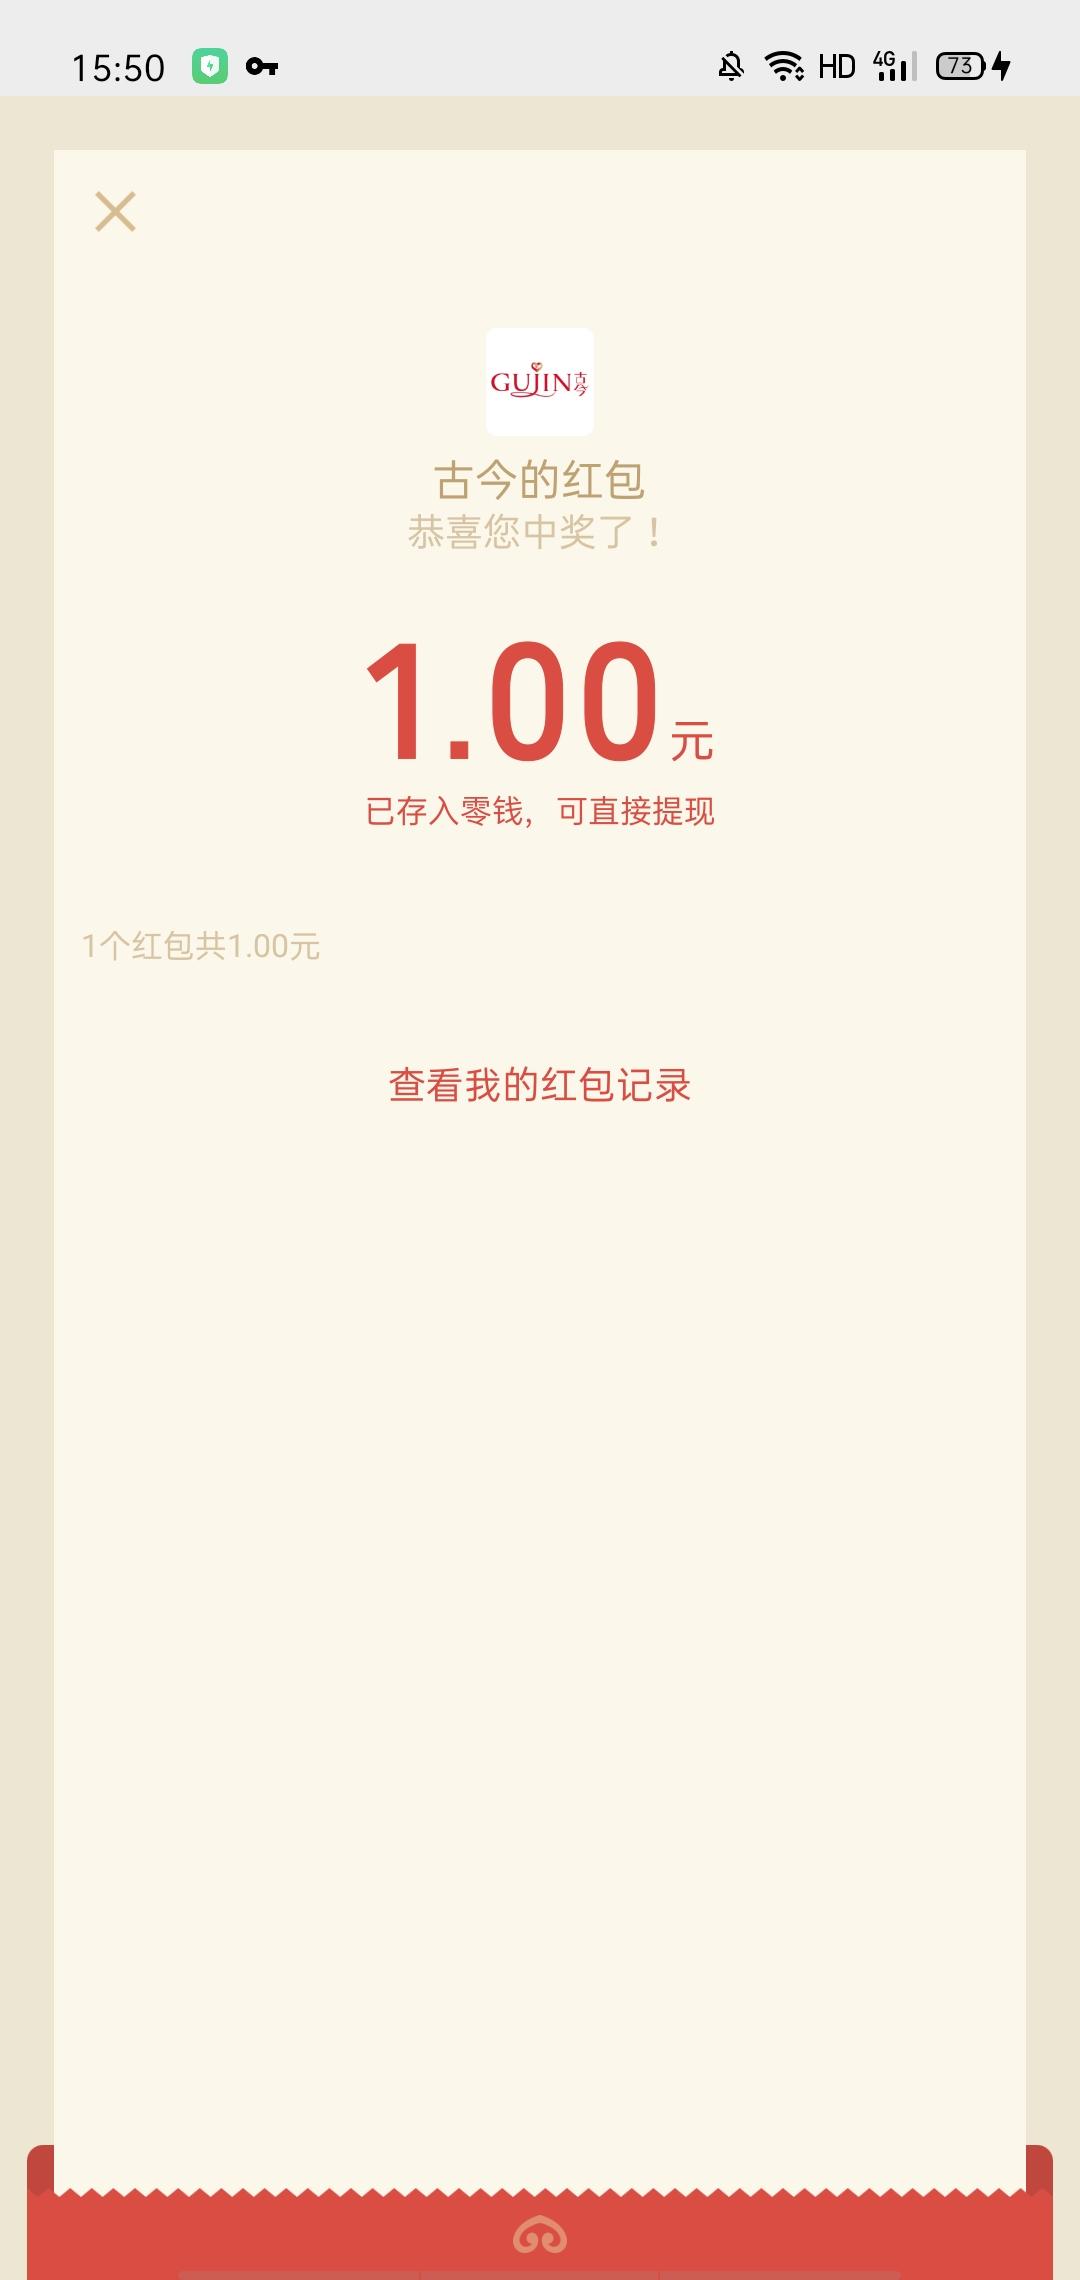 【现金红包】双12刮刮乐-聚合资源网